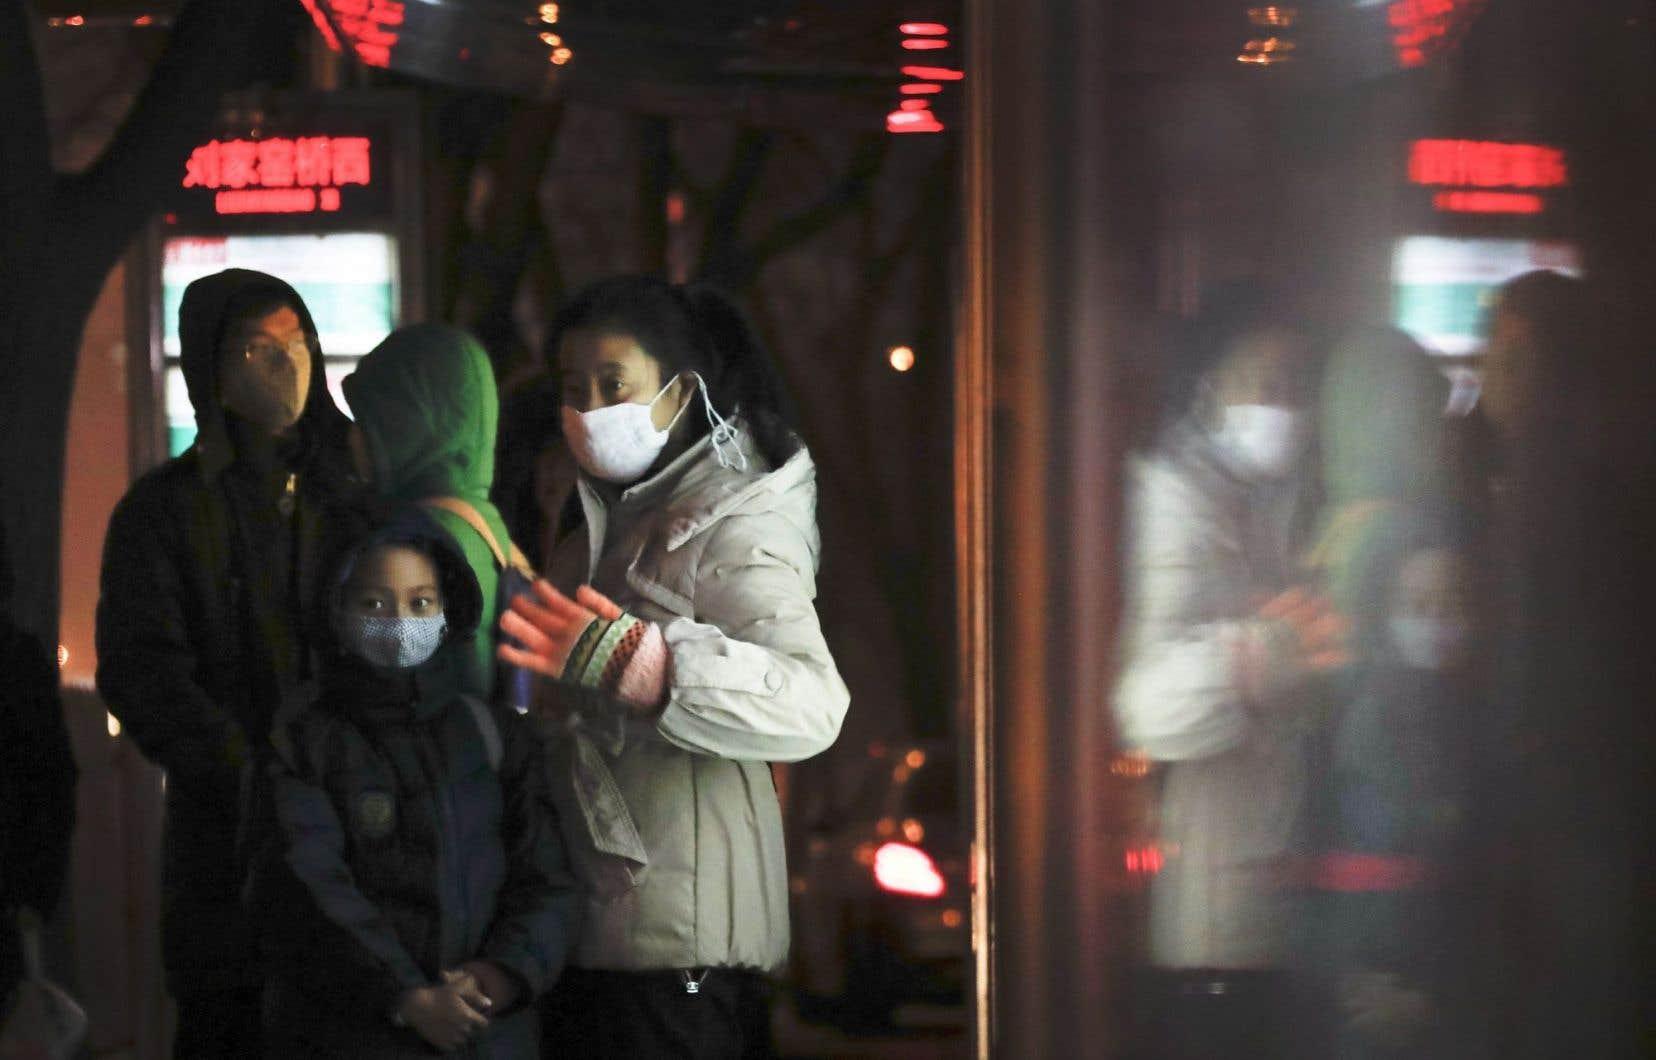 L'«alerte orange» qui met en garde contre une pollution atmosphérique importante a été prolongée de trois jours à Pékin.